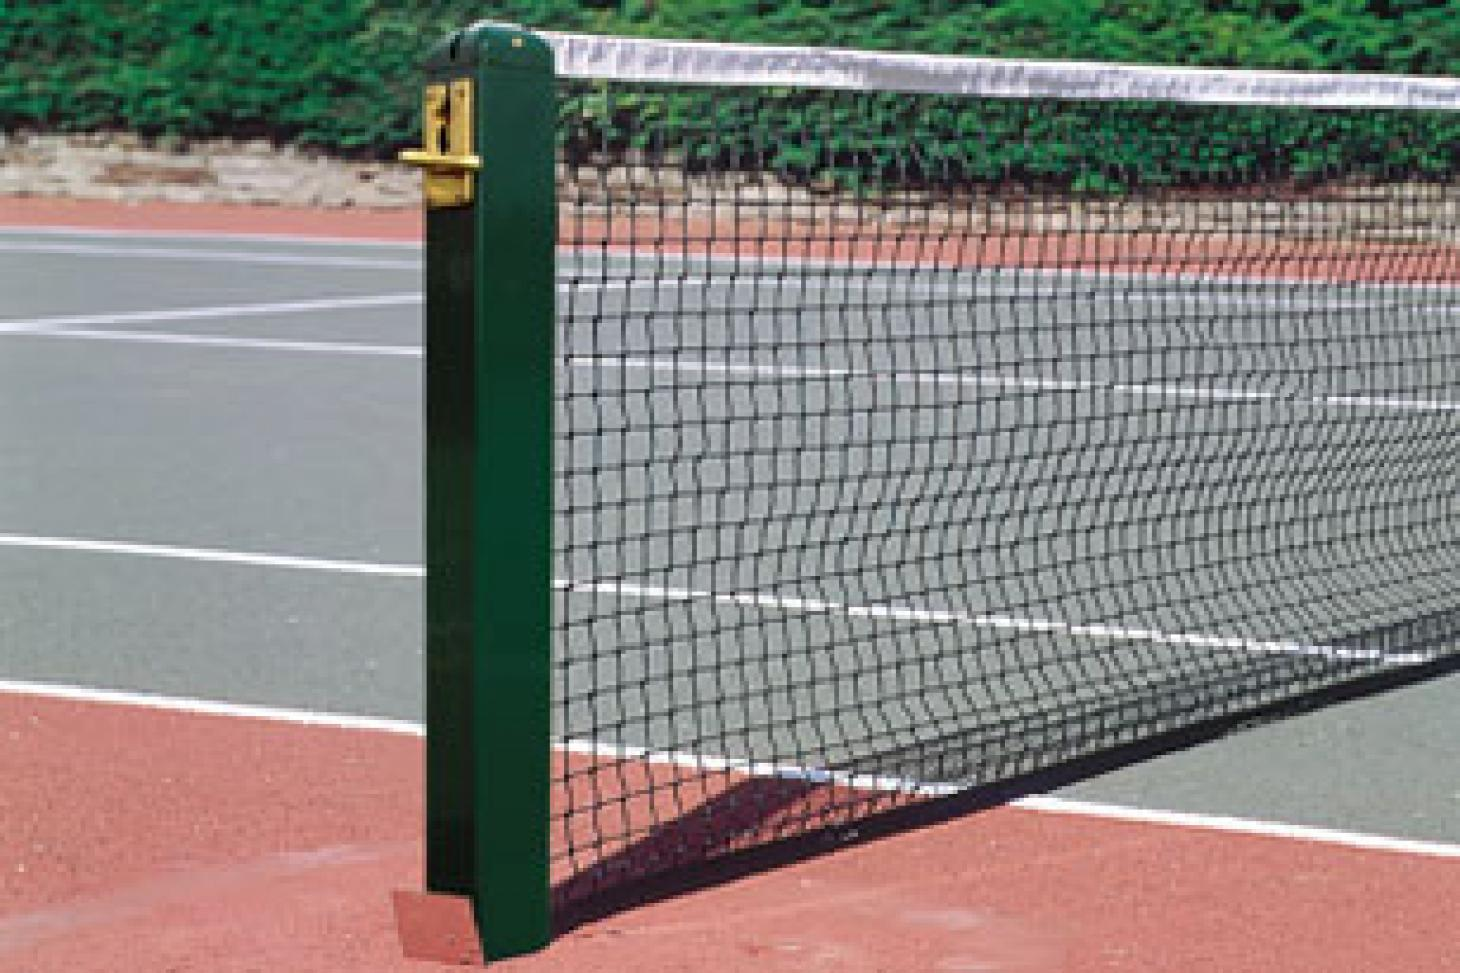 Harrods Sports Ground Outdoor | Concrete tennis court